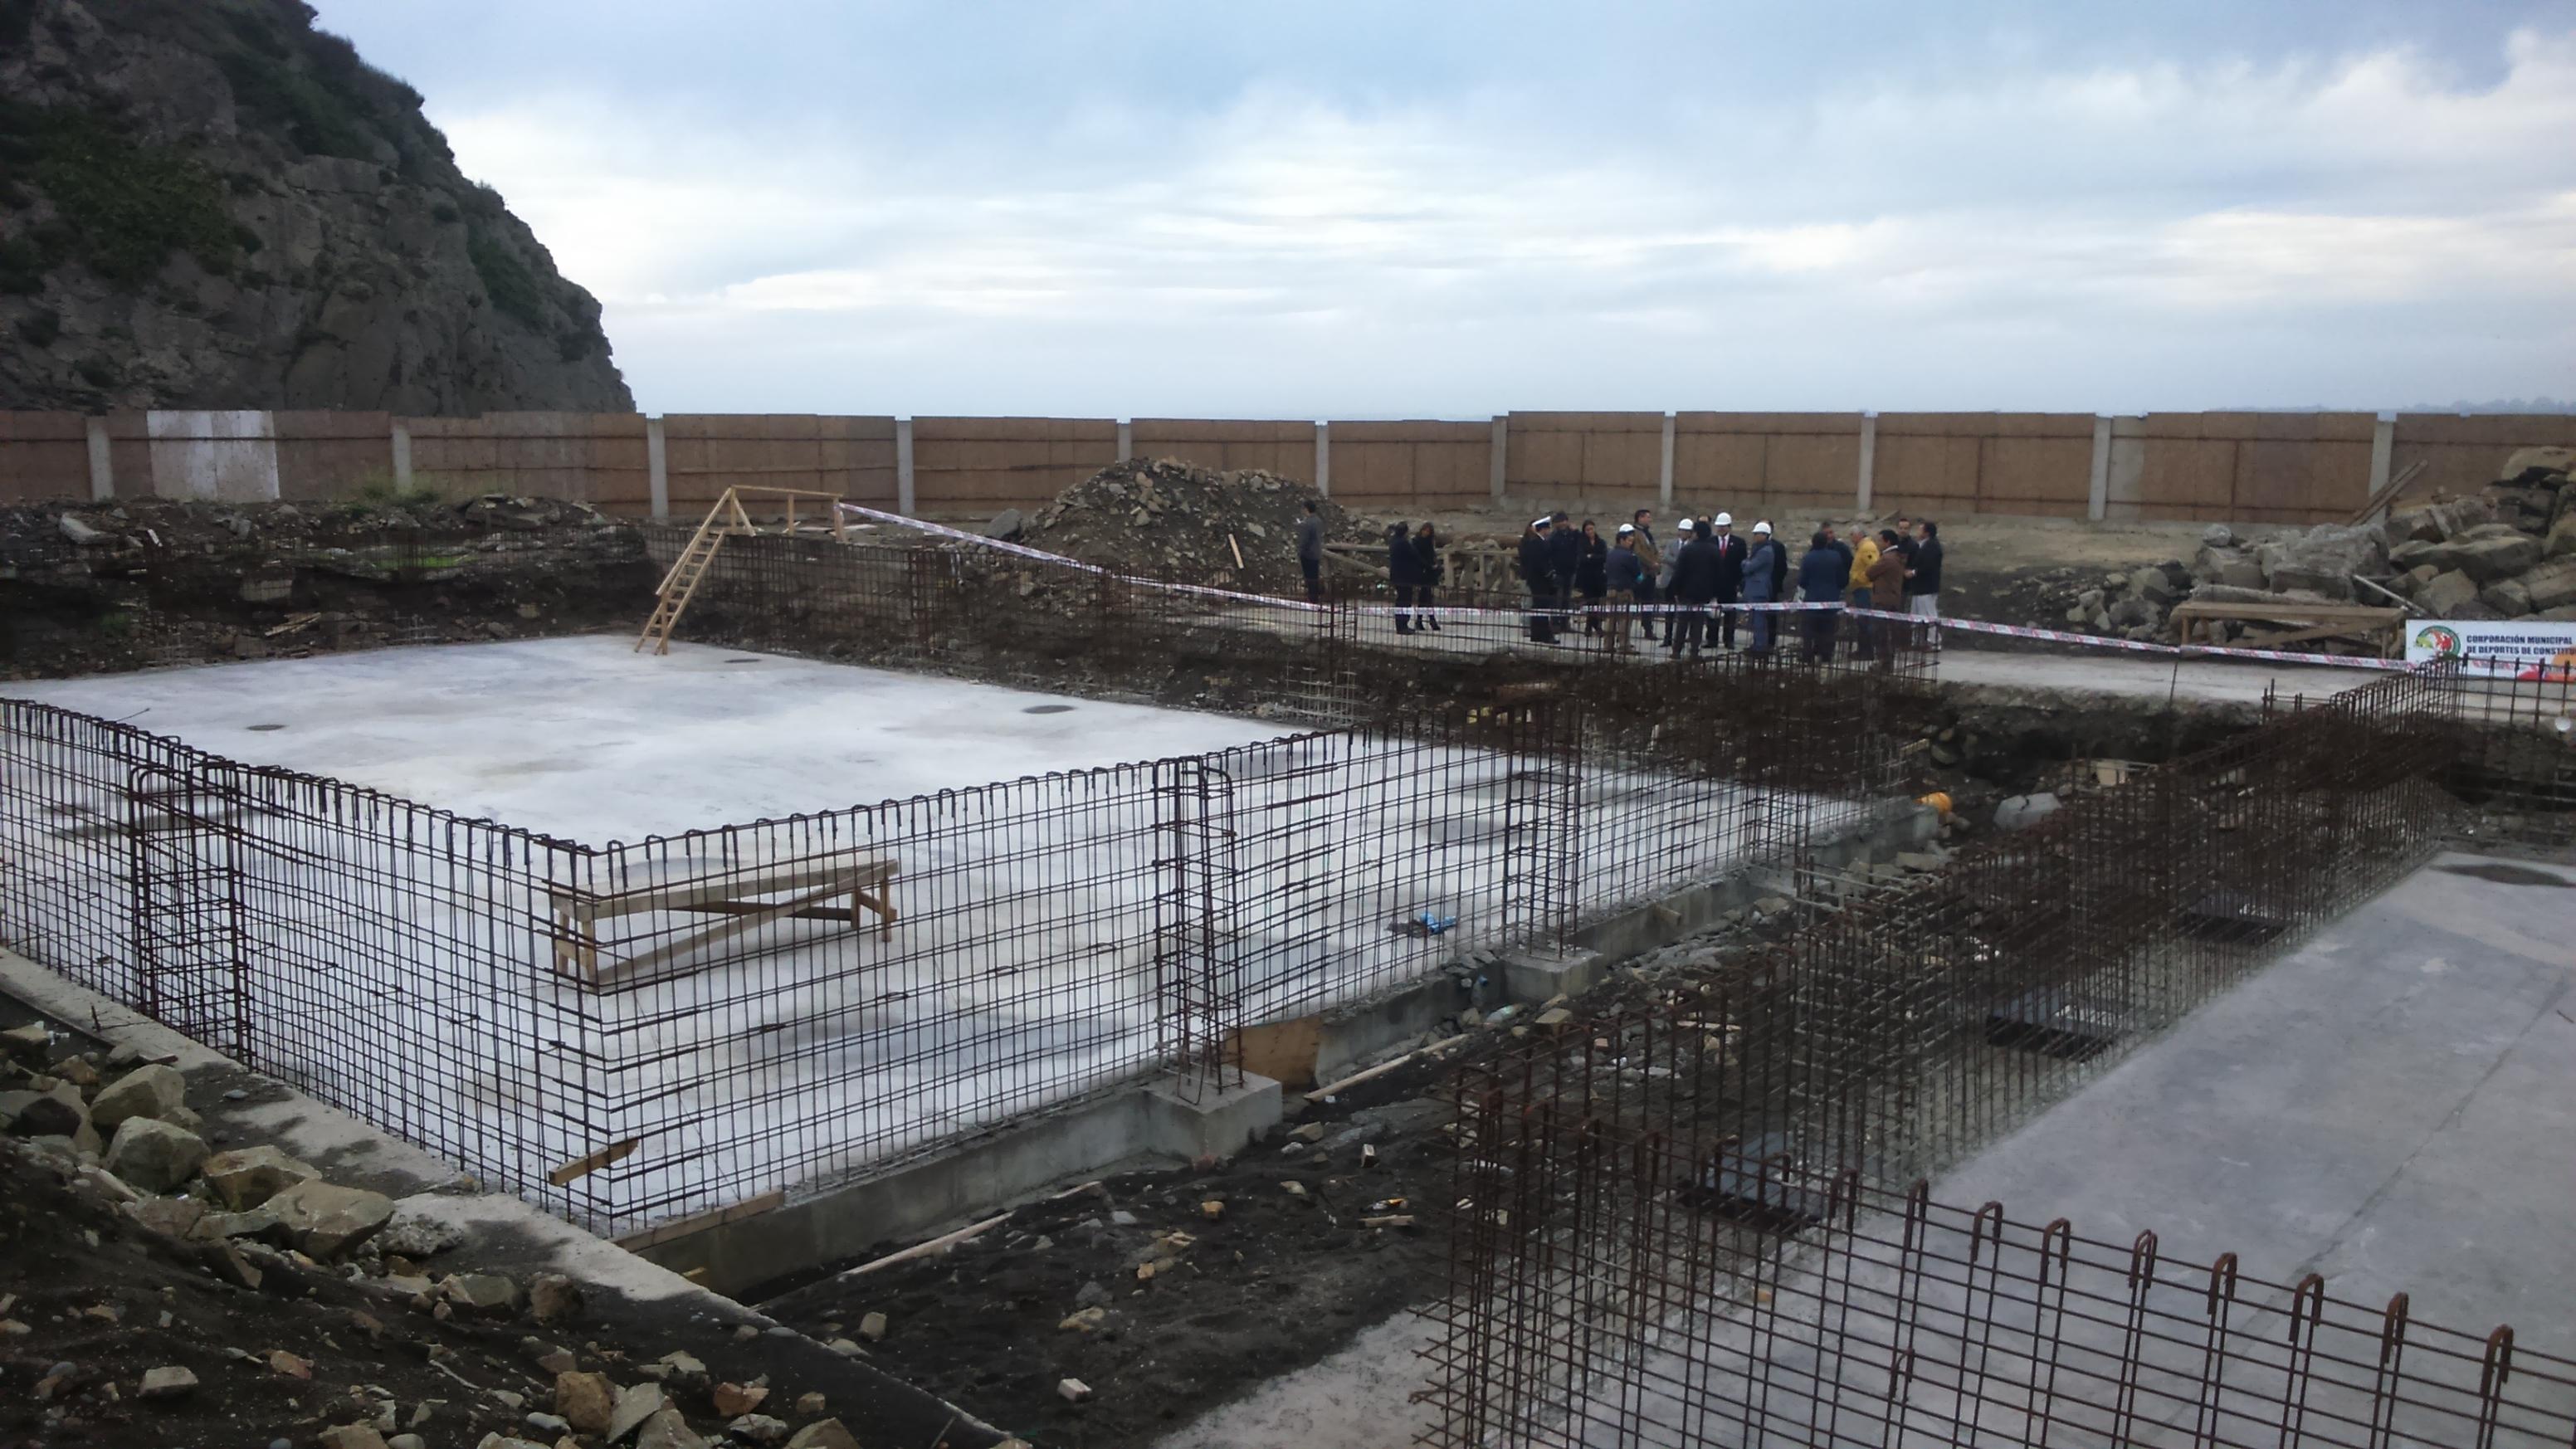 Construcci n de piscinas temperadas lleva un 40 por ciento for Construccion de piscinas temperadas